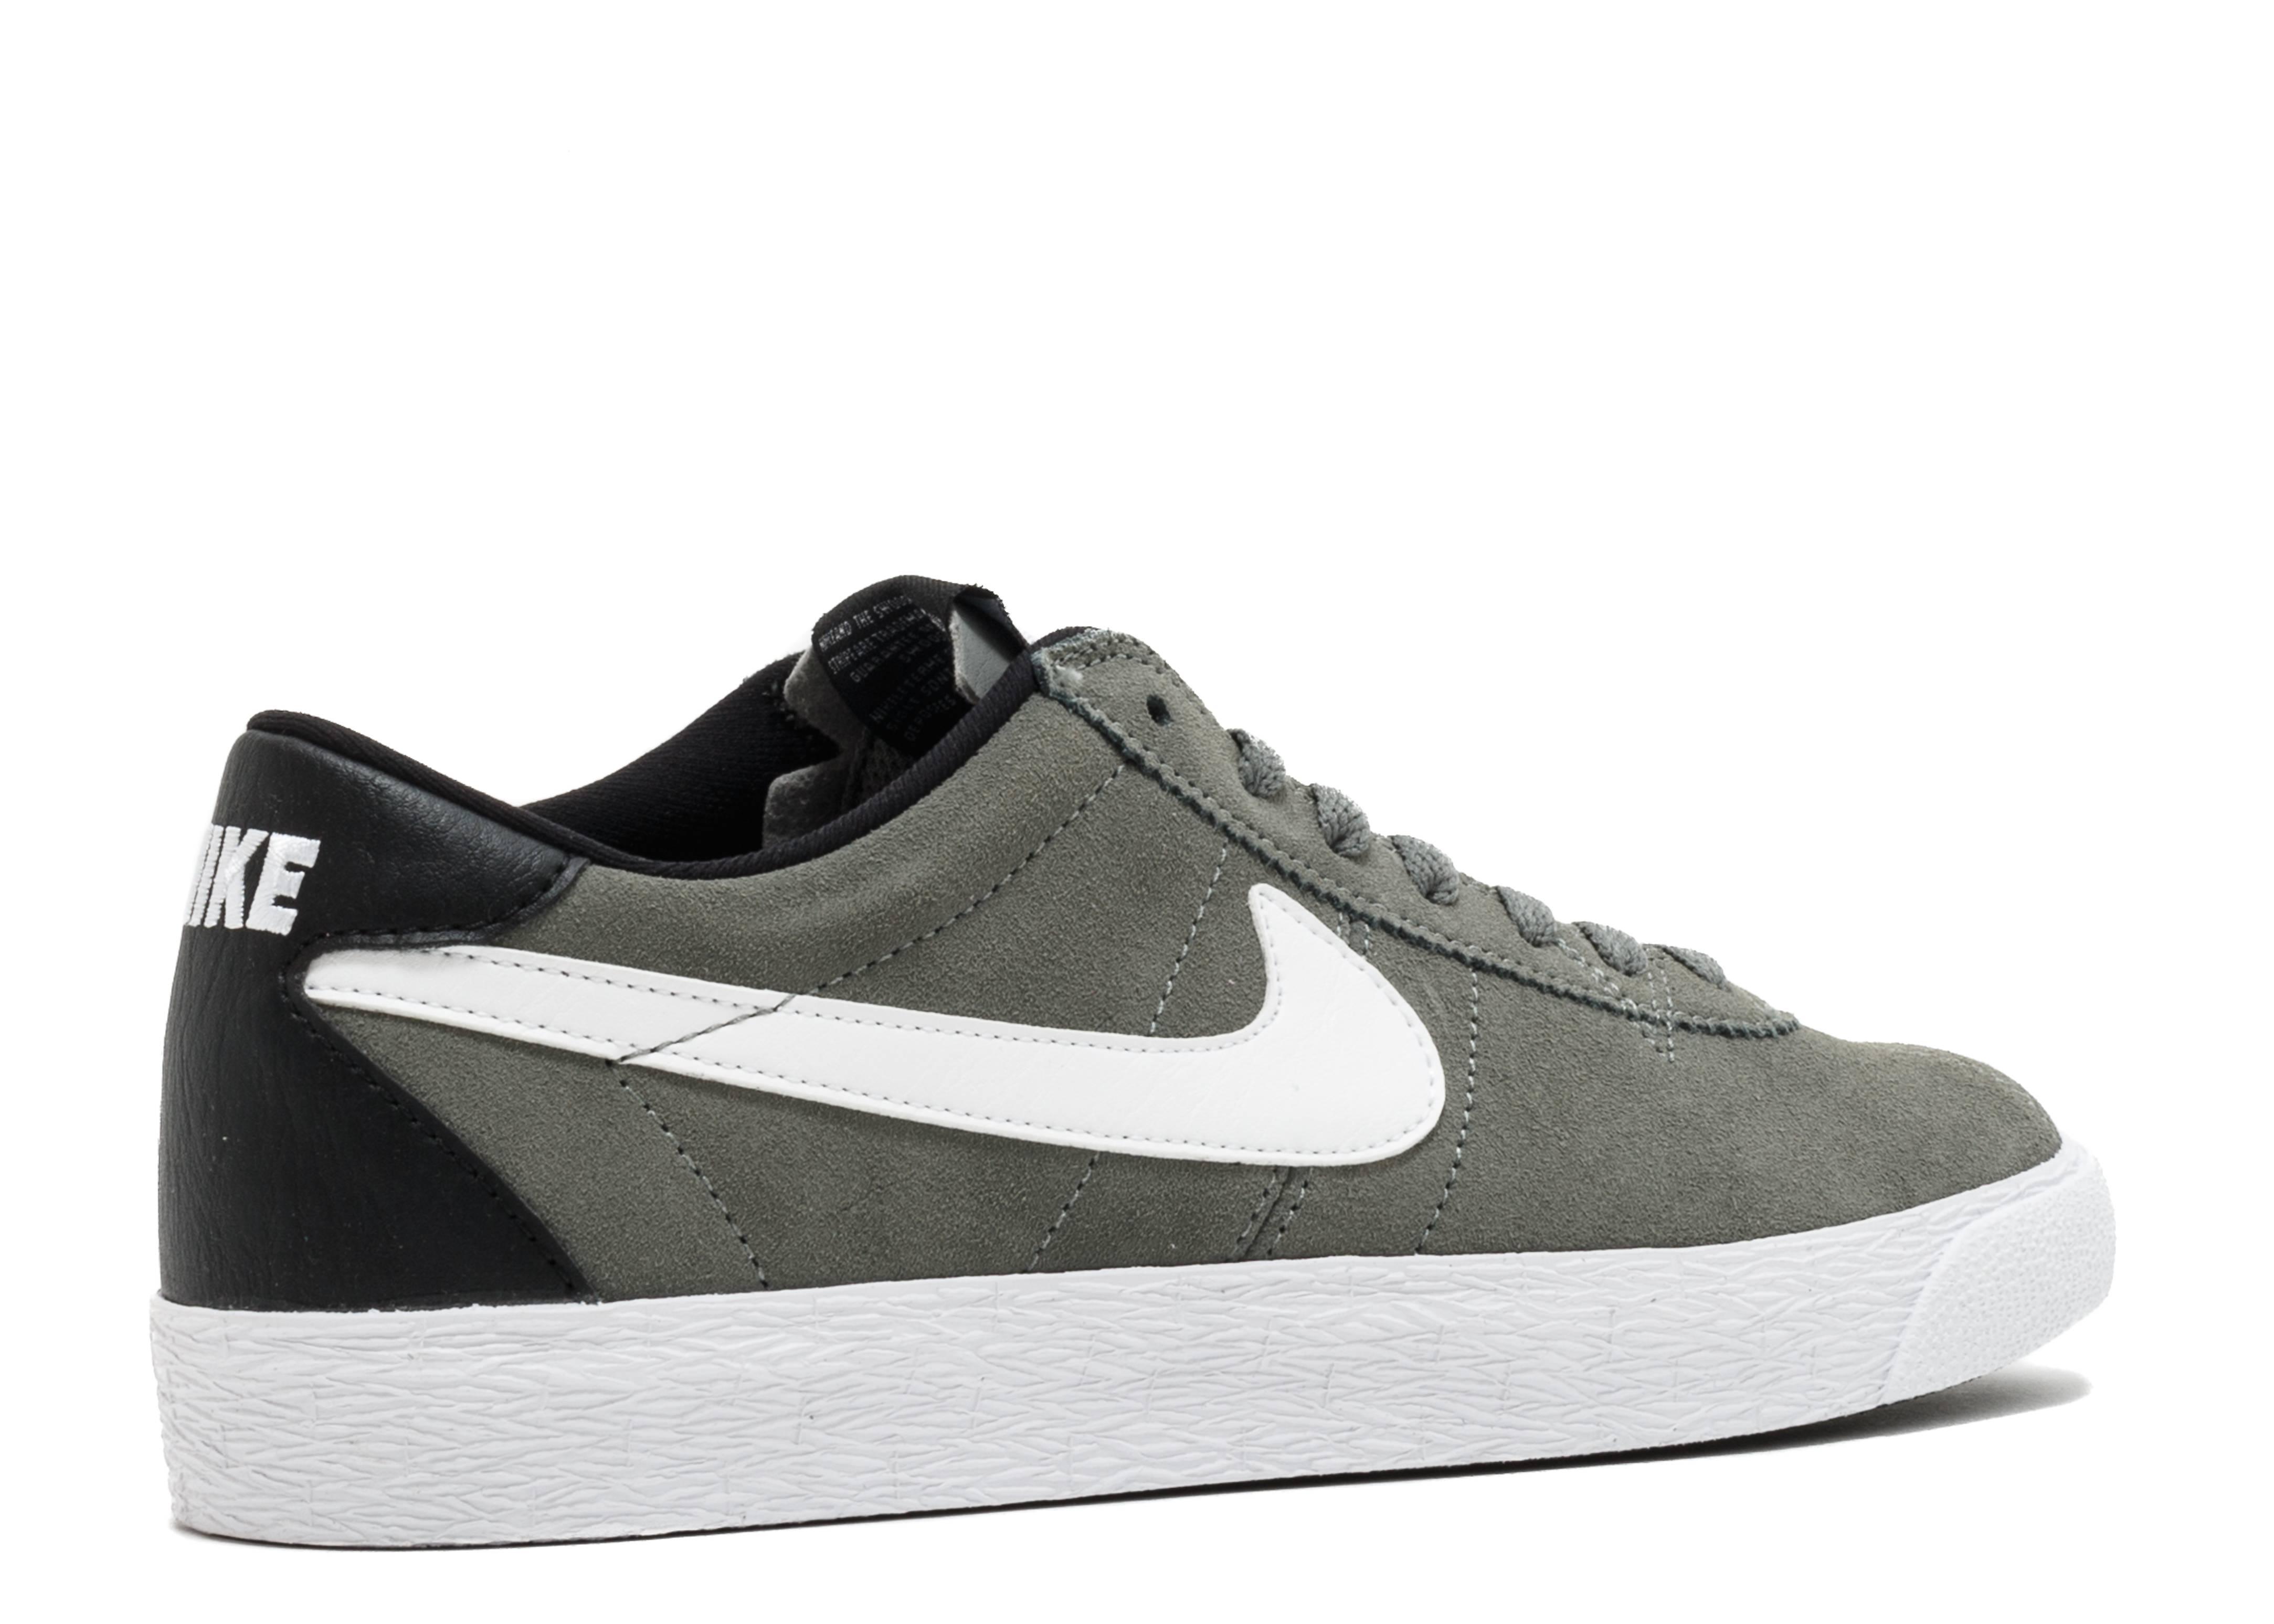 46c7b2b78963 Nike Sb Bruin Zoom Prm Se - Nike - 877045 011 - tumbled grey white-white- black